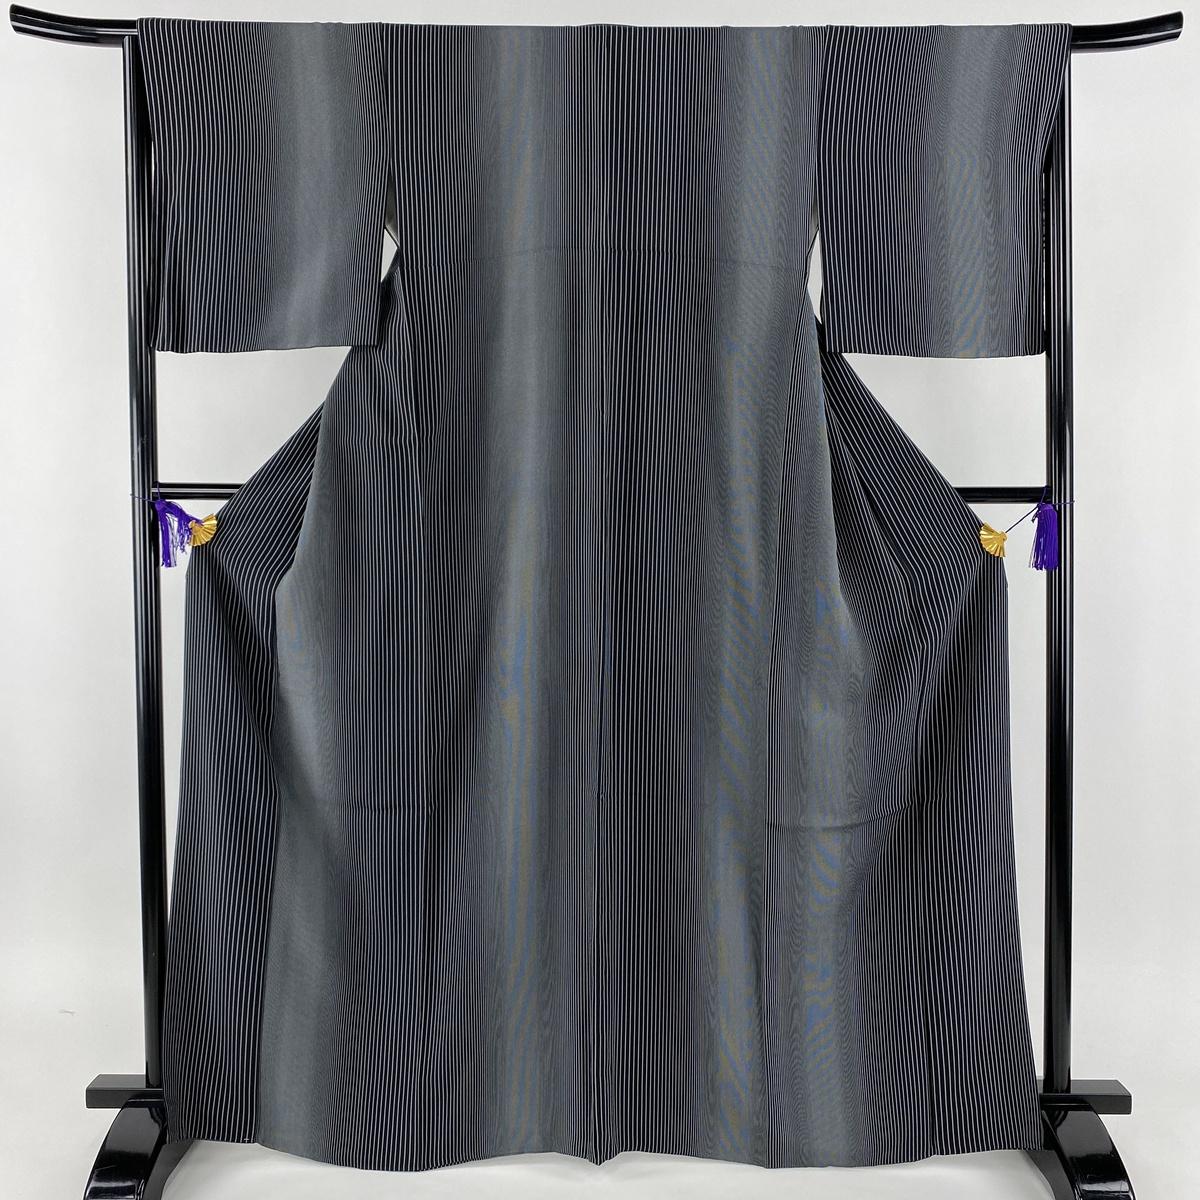 小紋 美品 名品 縞模様 黒 袷 身丈166.5cm 裄丈66.5cm M 正絹 【中古】